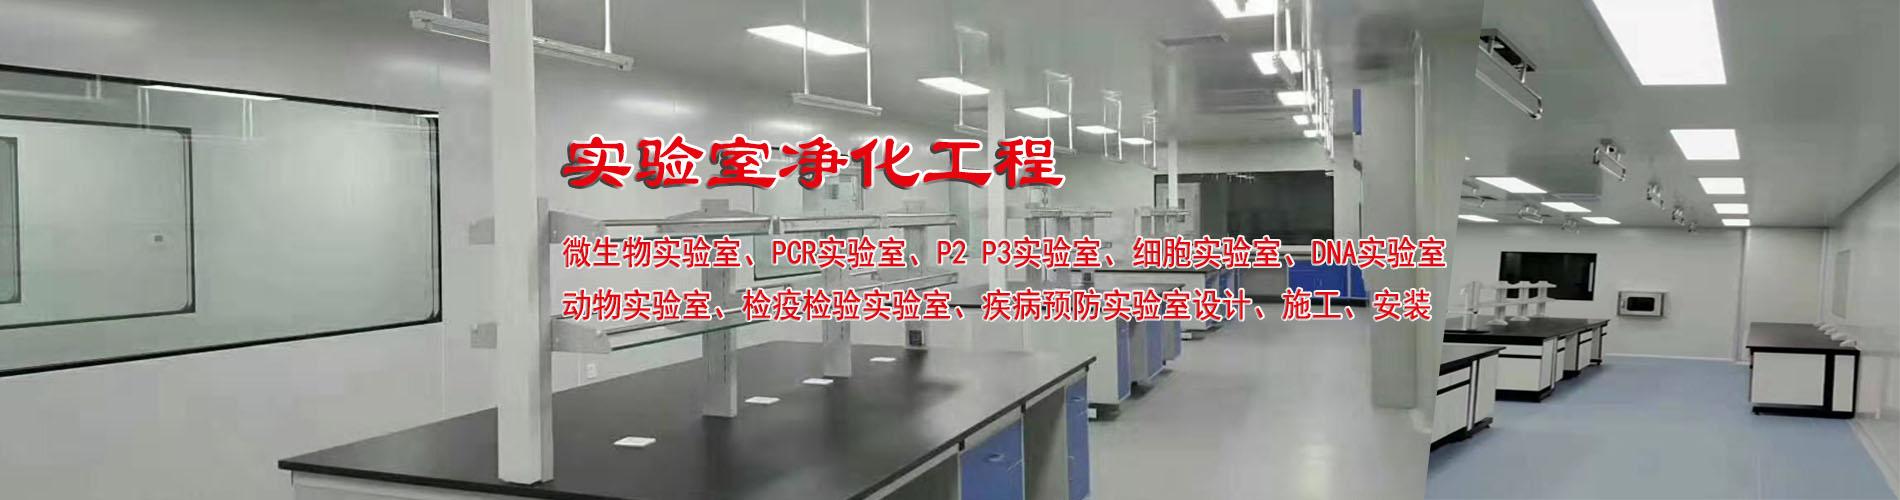 河北实验室净化工程、微生物实验室、细胞实验室、P2P3实验室、PCR实验室设计施工